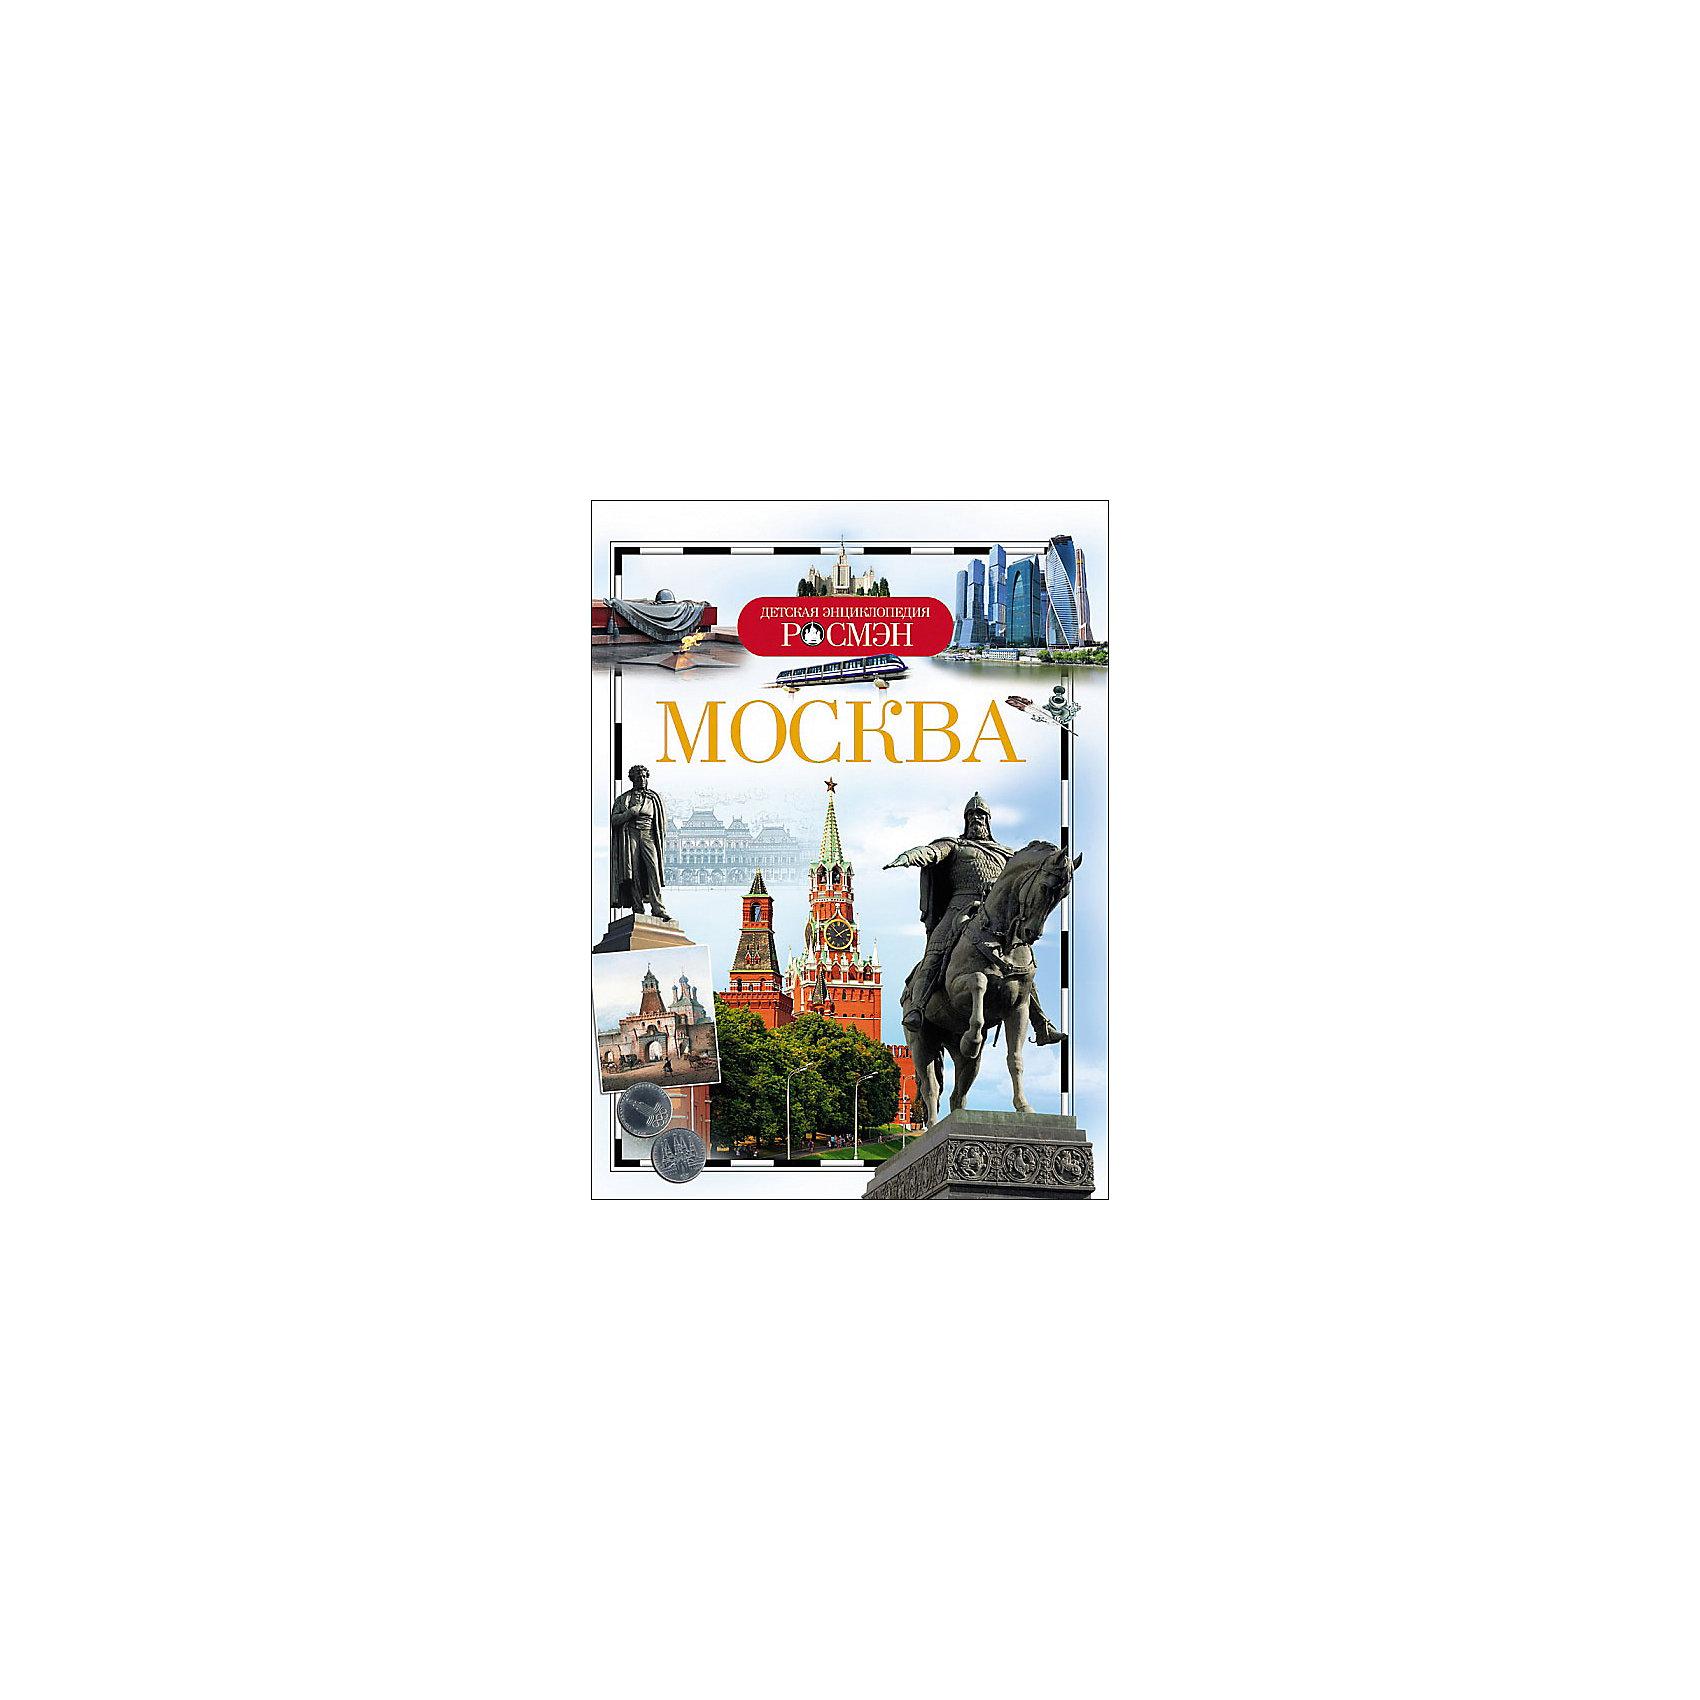 МоскваДетские энциклопедии<br>Характеристики товара:<br><br>- цвет: разноцветный;<br>- материал: бумага;<br>- страниц: 96;<br>- формат: 17 x 21 см;<br>- обложка: твердая;<br>- цветные иллюстрации.<br><br>Эта интересная книга с иллюстрациями станет отличным подарком для ребенка. Она содержит в себе ответы на вопросы, которые интересуют малышей. Всё представлено в очень простой форме! Талантливый иллюстратор дополнил книгу качественными рисунками, которые помогают ребенку понять суть многих вещей в нашем мире. Удивительные и интересные факты помогут привить любовь к учебе!<br>Чтение - отличный способ активизации мышления, оно помогает ребенку развивать зрительную память, концентрацию внимания и воображение. Издание произведено из качественных материалов, которые безопасны даже для самых маленьких.<br><br>Книгу Москва от компании Росмэн можно купить в нашем интернет-магазине.<br><br>Ширина мм: 220<br>Глубина мм: 165<br>Высота мм: 5<br>Вес г: 232<br>Возраст от месяцев: 84<br>Возраст до месяцев: 108<br>Пол: Унисекс<br>Возраст: Детский<br>SKU: 5109983